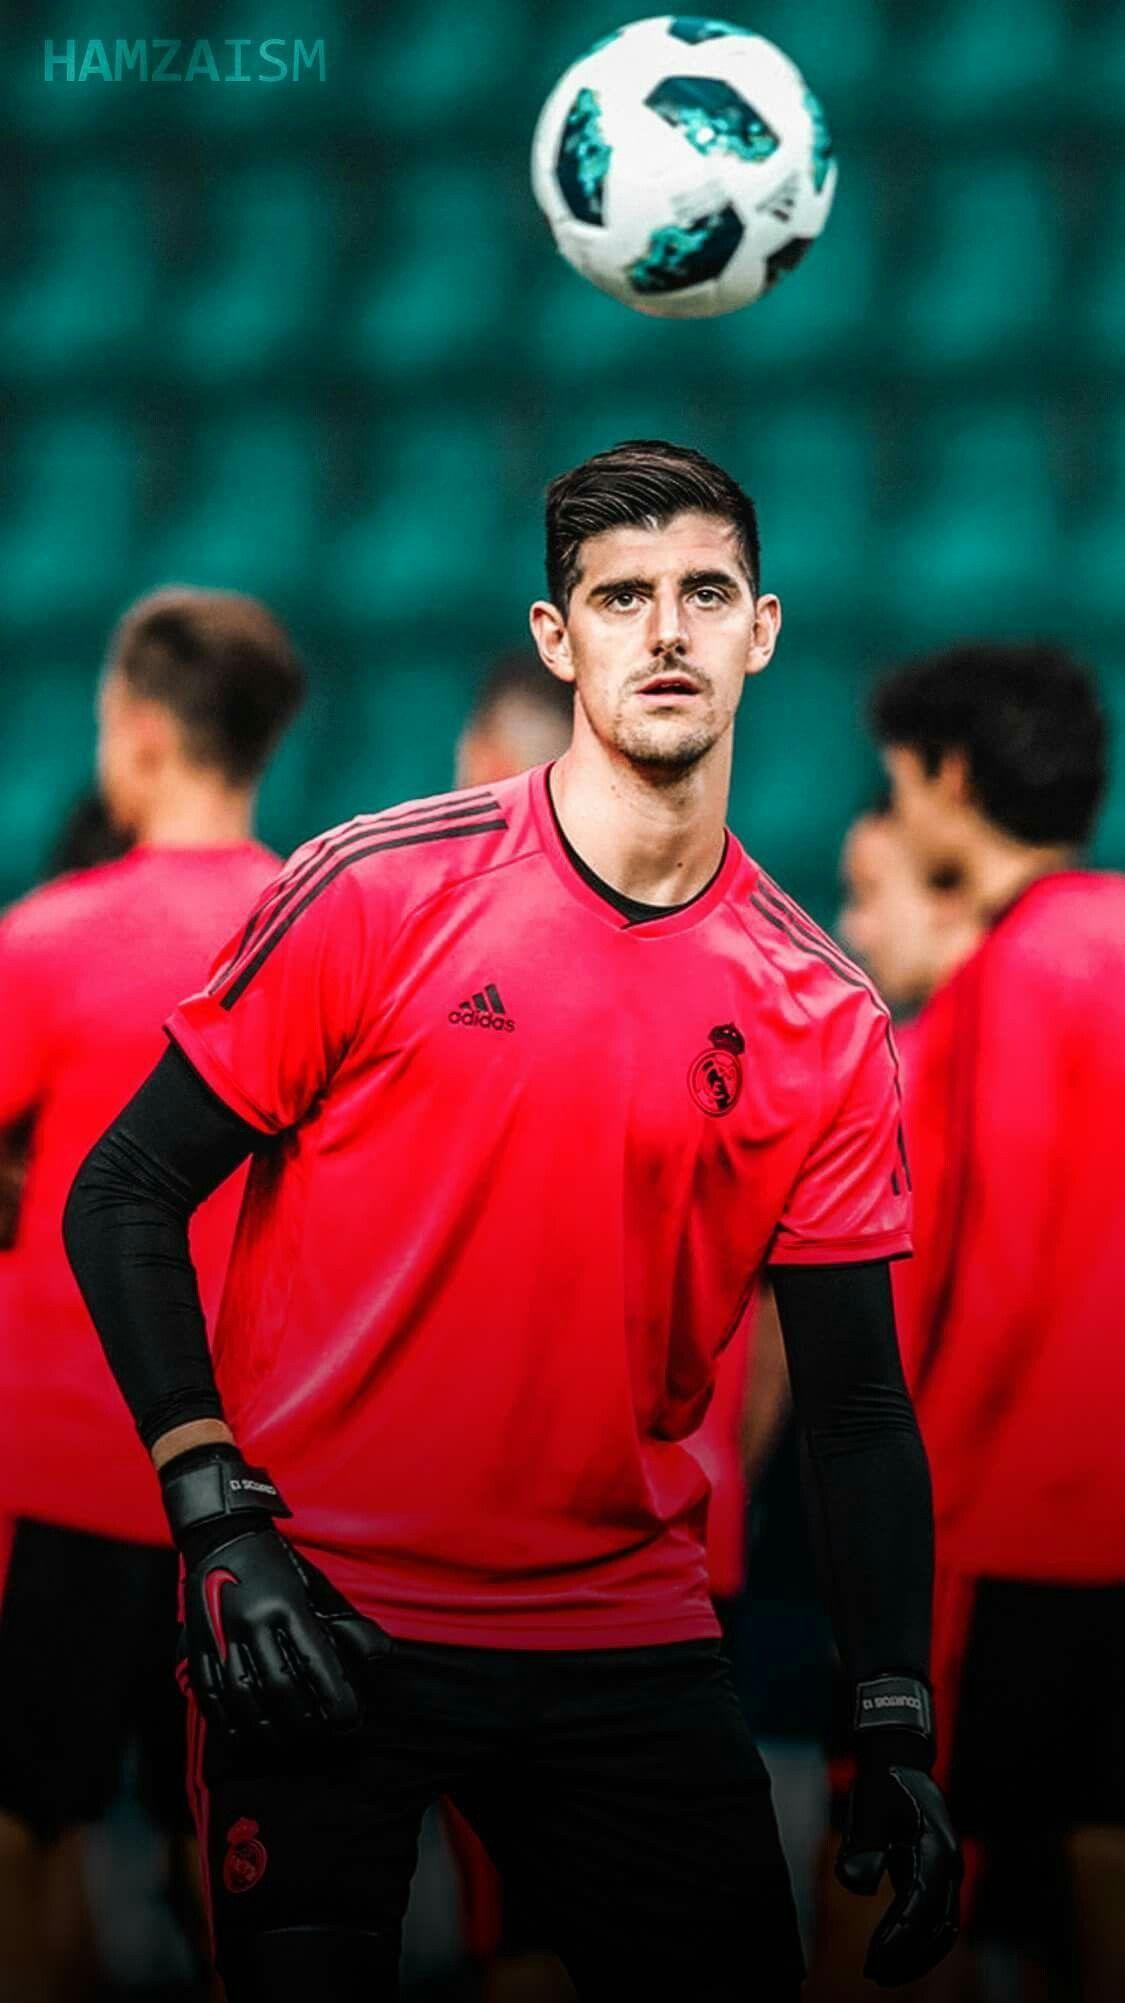 Thibaut Courtois Wallpaper Real Madrid Hd Football Jugador De Futbol Iker Casillas Fondos Del Real Madrid